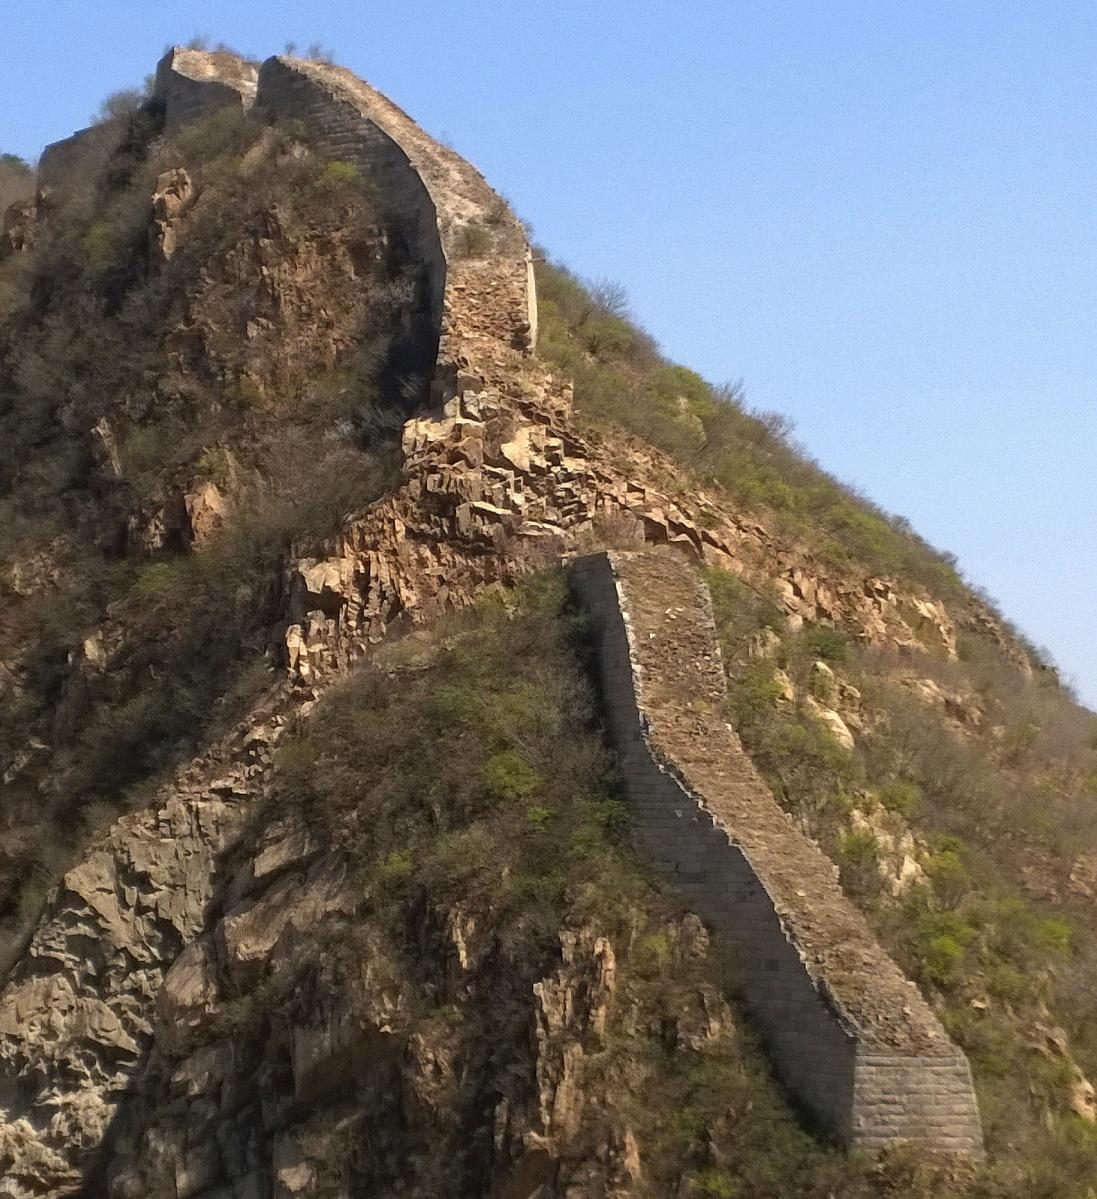 Bedrohtes Welterbe: Die Chinesische Mauer zerfällt